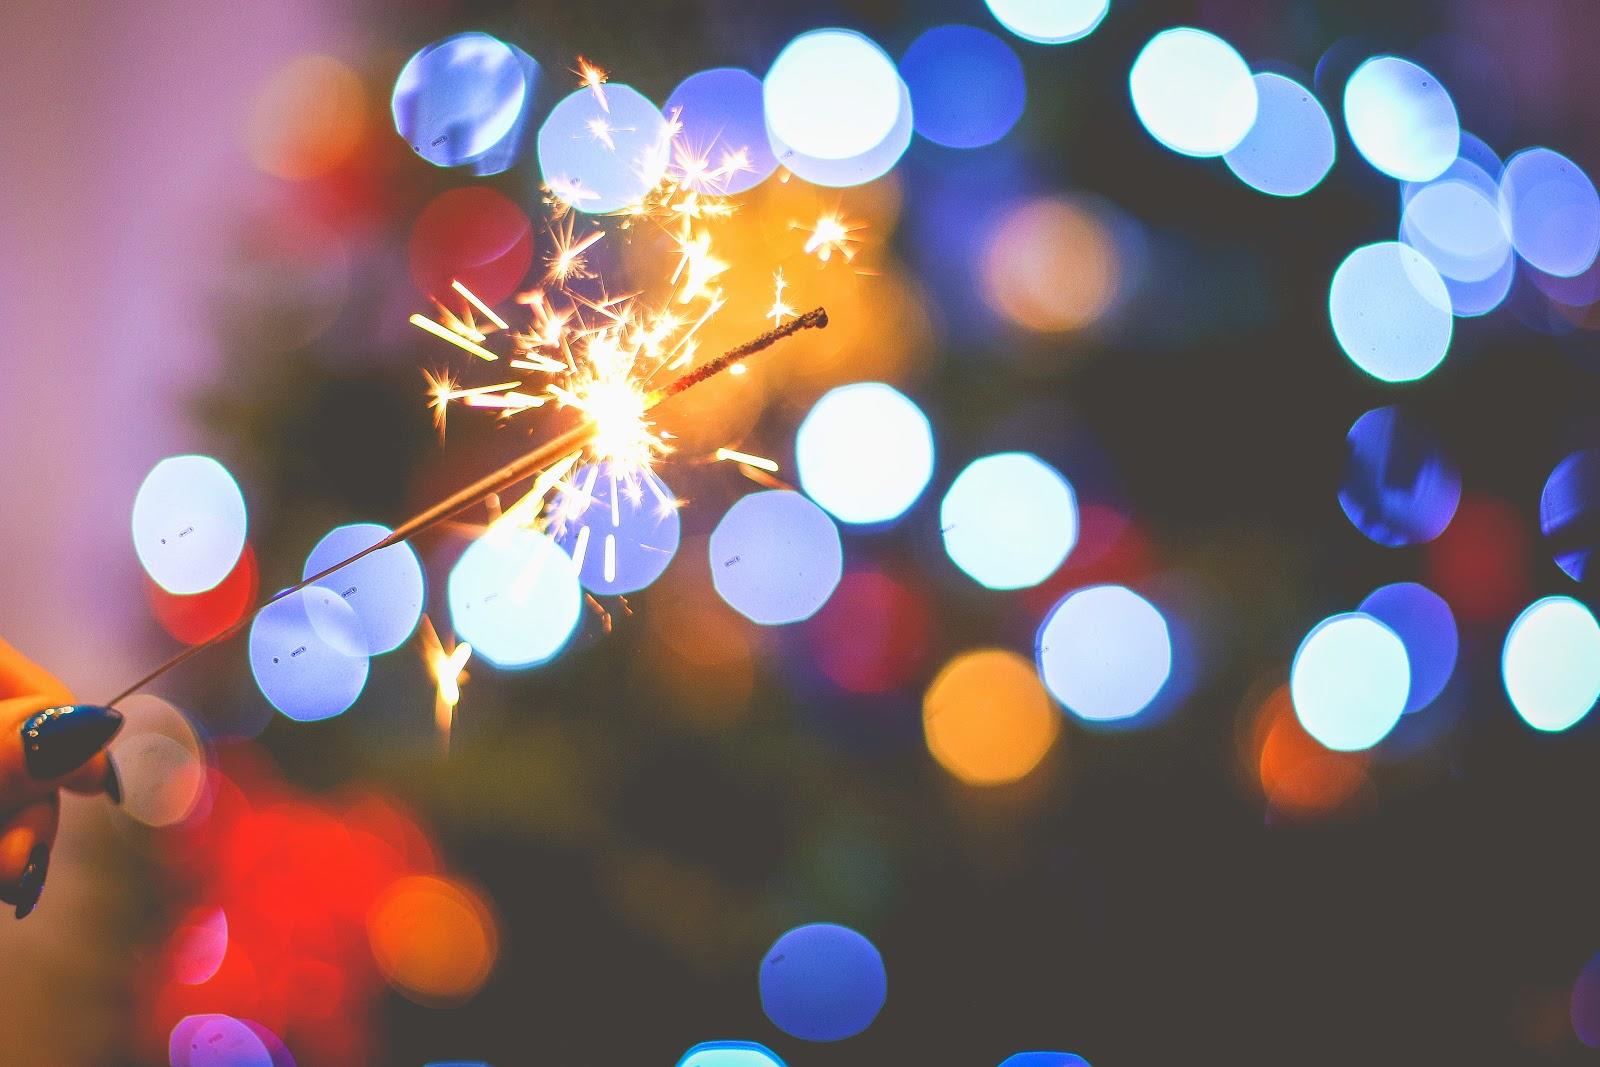 sparkler image